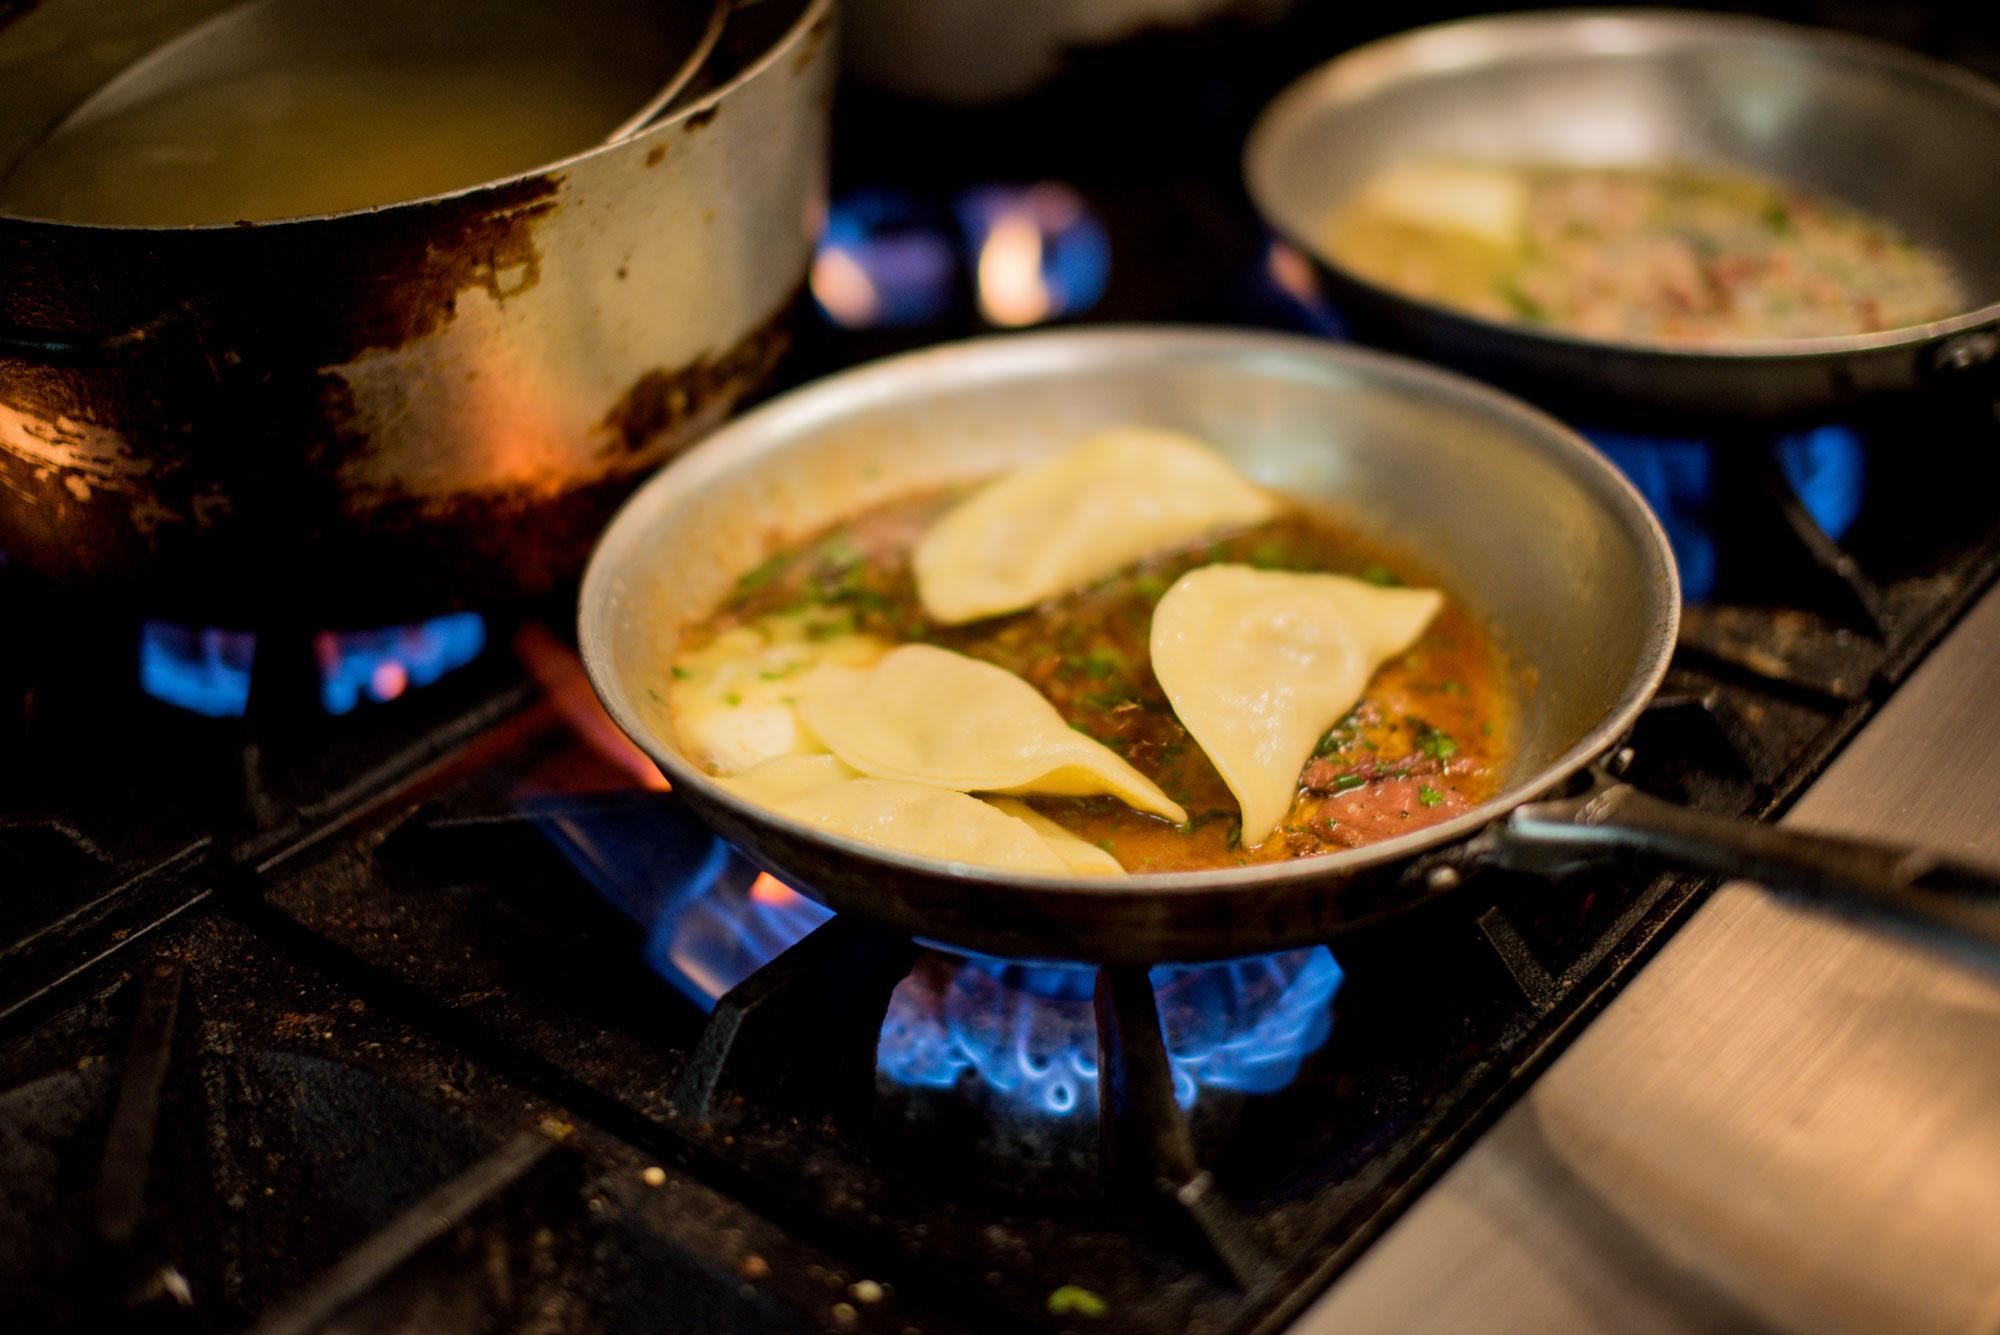 raviolis fait maison qui cuisent dans une poêle